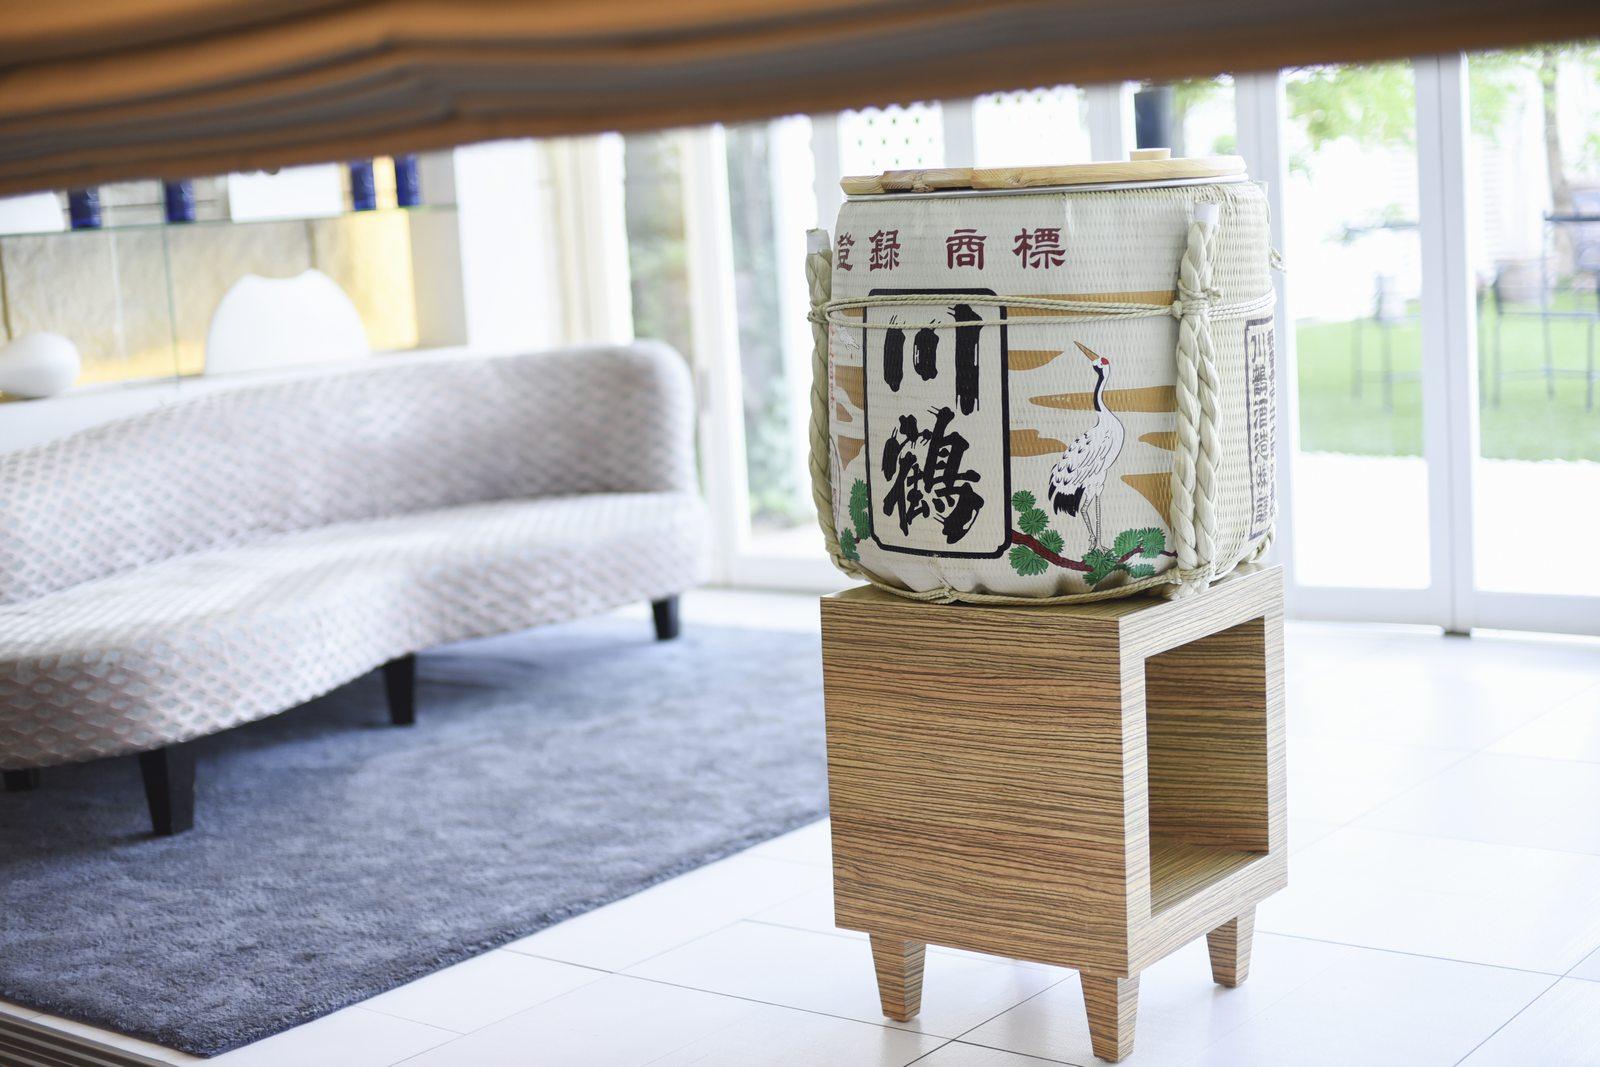 香川県の結婚式場シェルエメール&アイスタイル 鏡開き